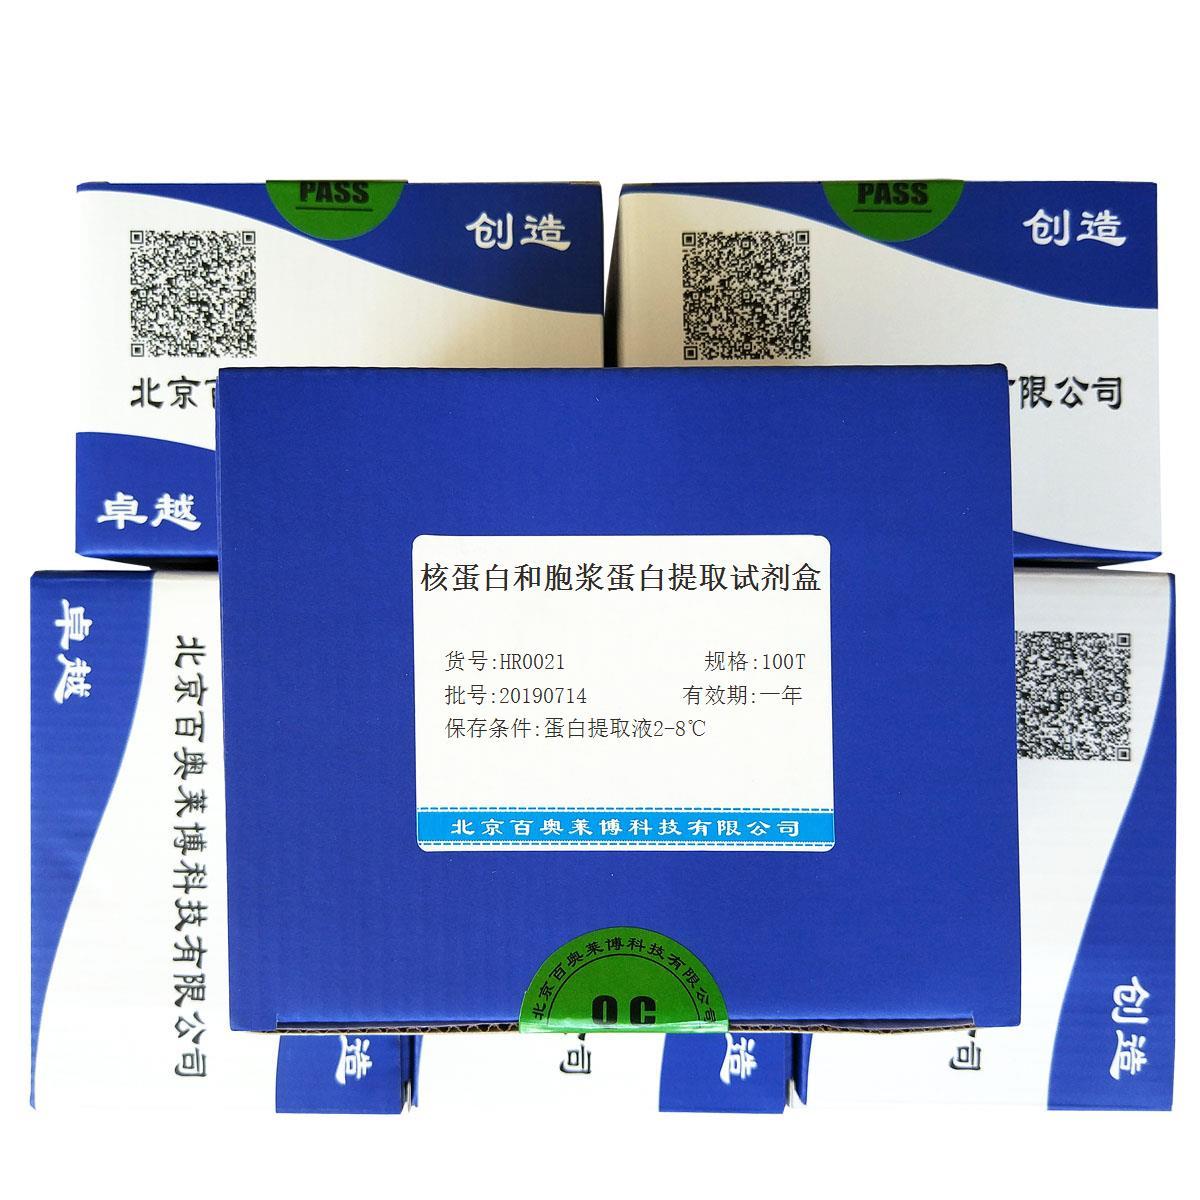 核蛋白和胞浆蛋白提取试剂盒现货供应